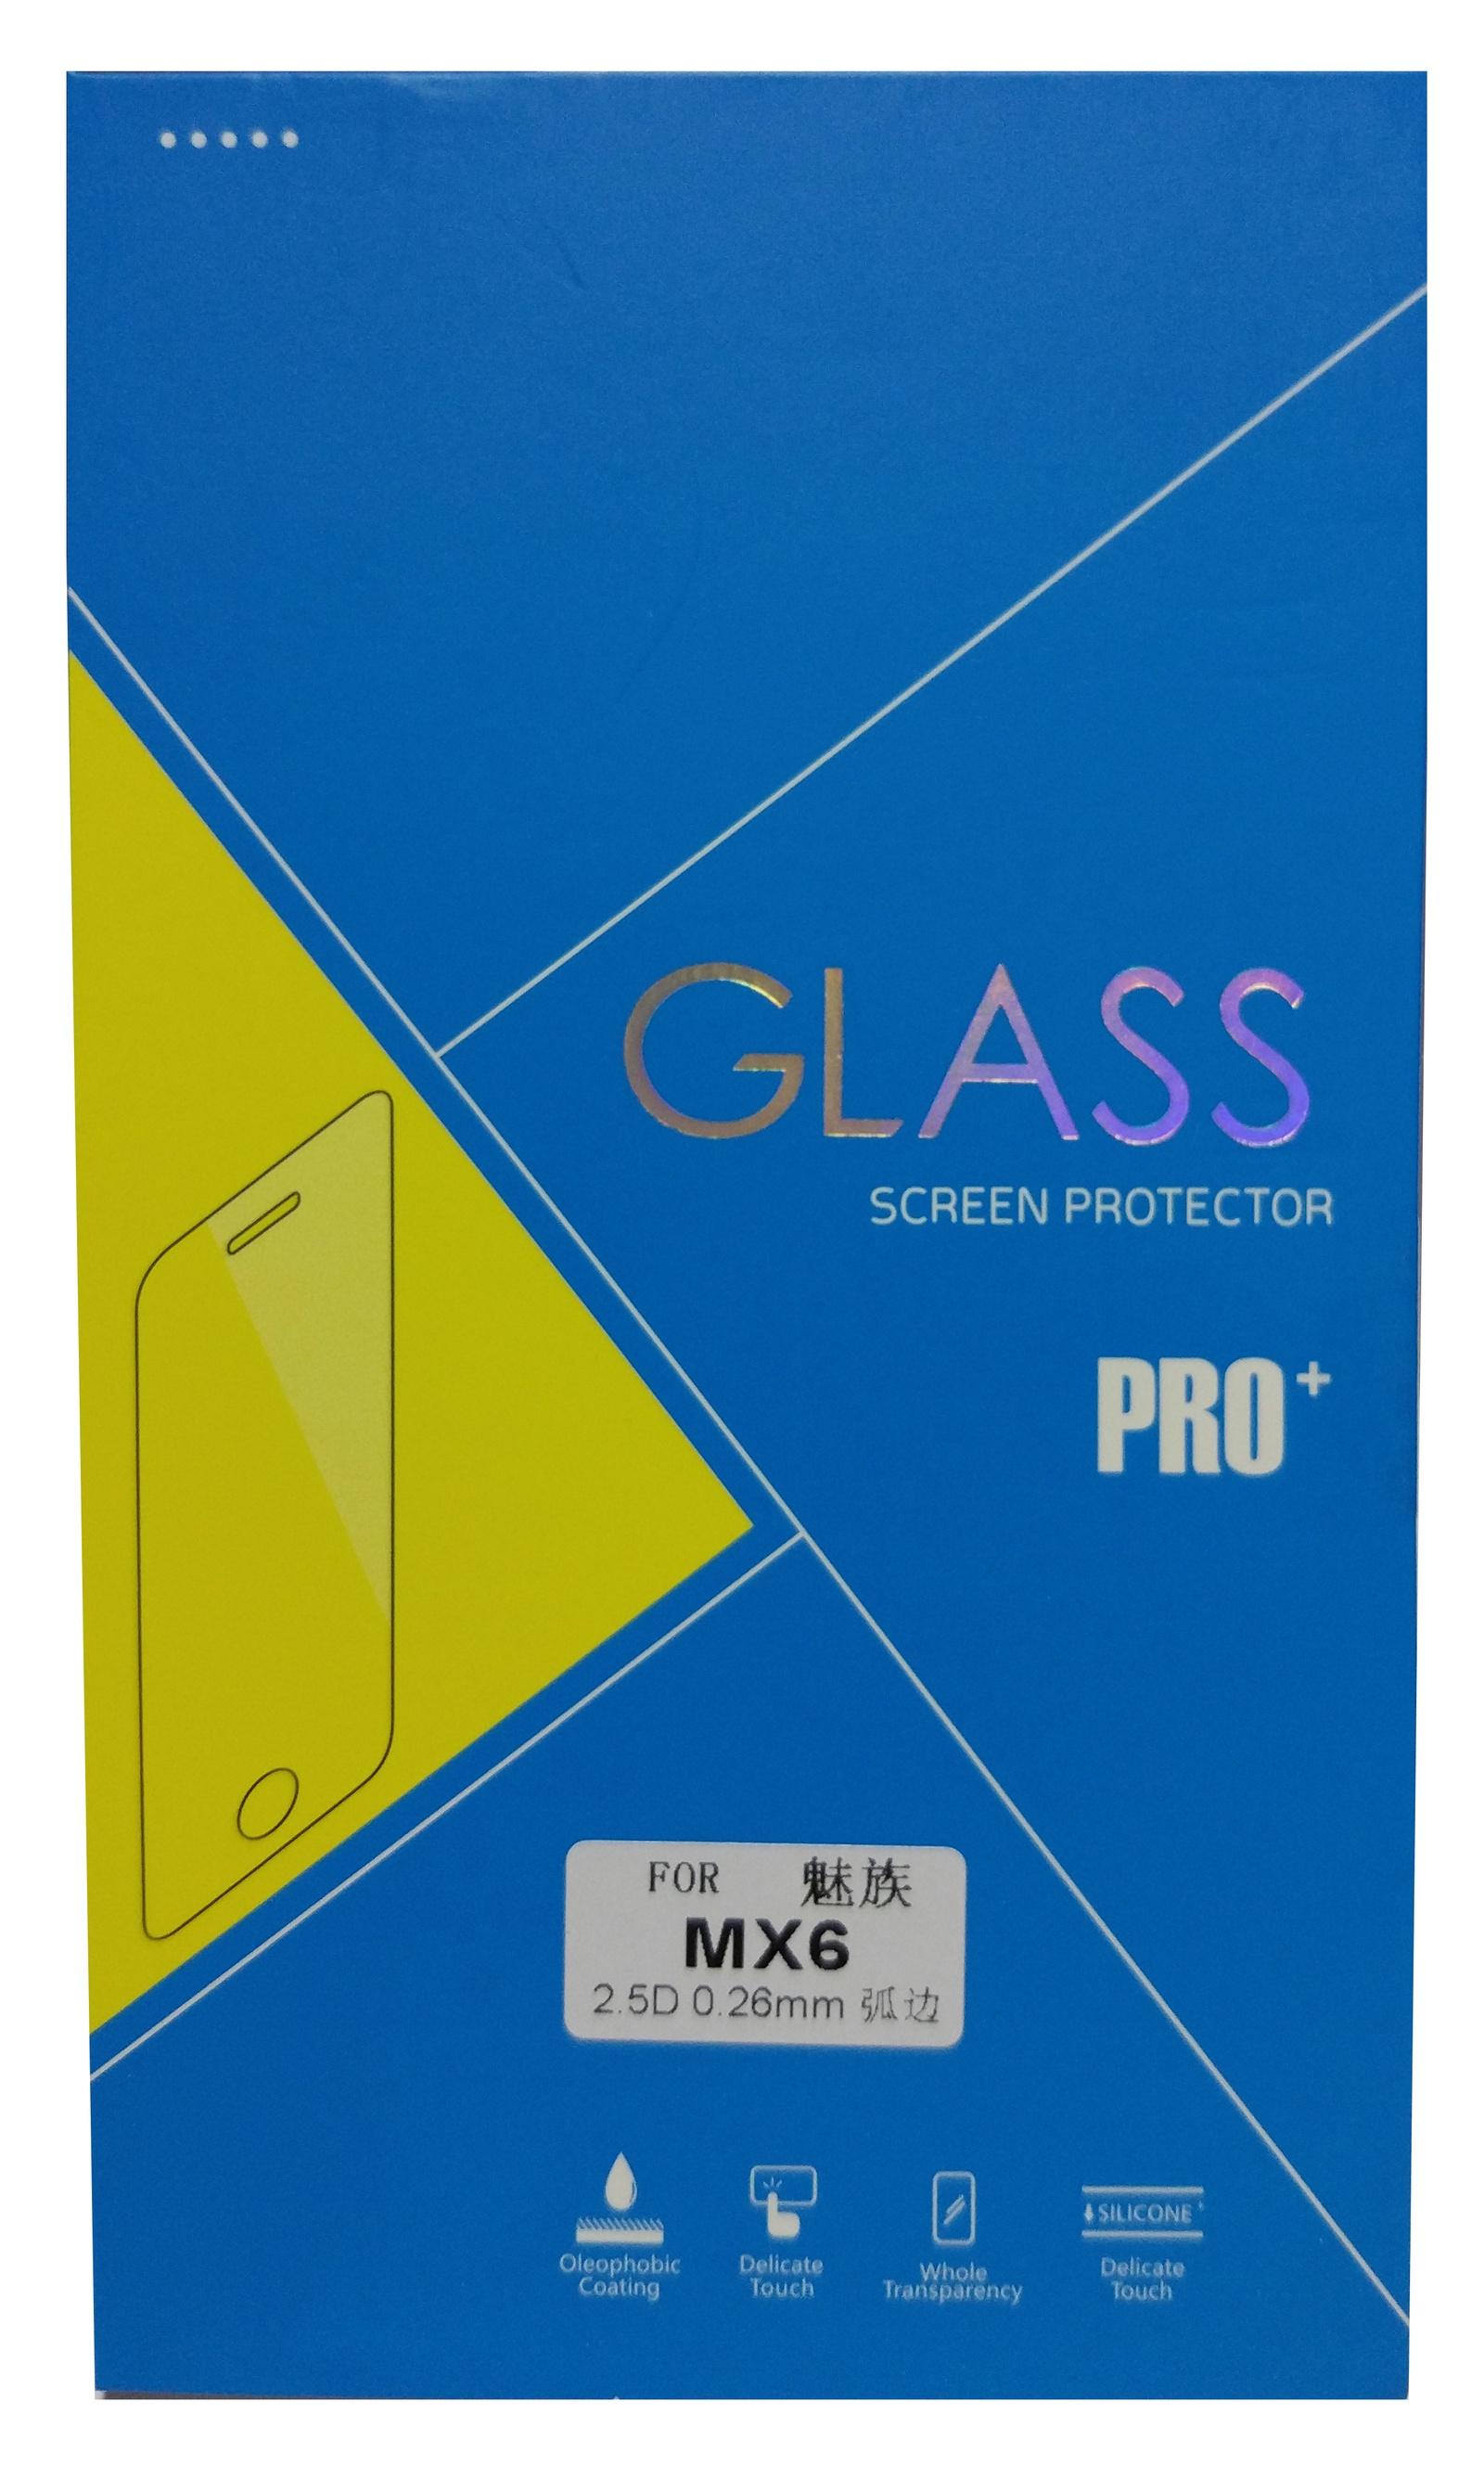 Защитное стекло для Meizu MX6 escach meizu mx6 телефон чехол meizu mx6 защитная оболочка анти борьба гарнитуры meizu телефон раковина жесткая оболочка джентльмен черный